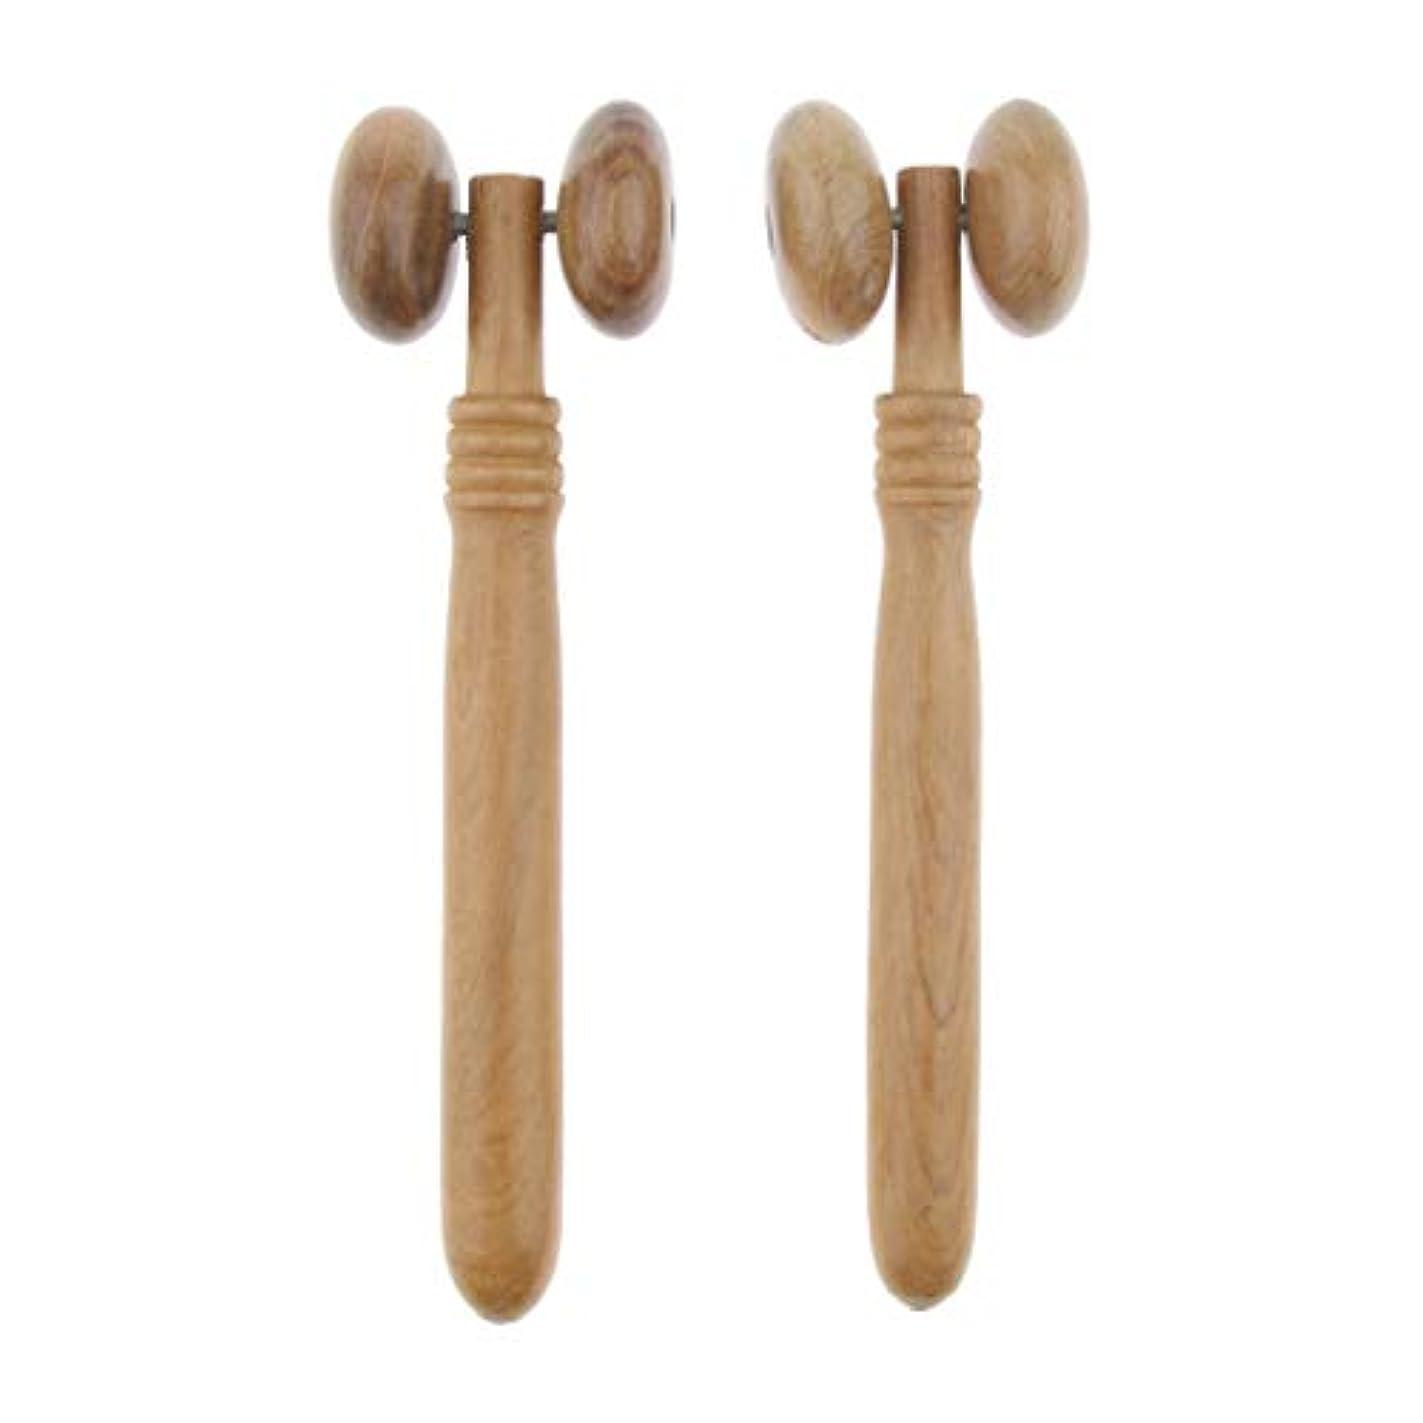 Perfeclan フェイスローラー マッサージャー 木製 按摩器 手動式 首 顔 ネック ボディ 多機能 使いやすい